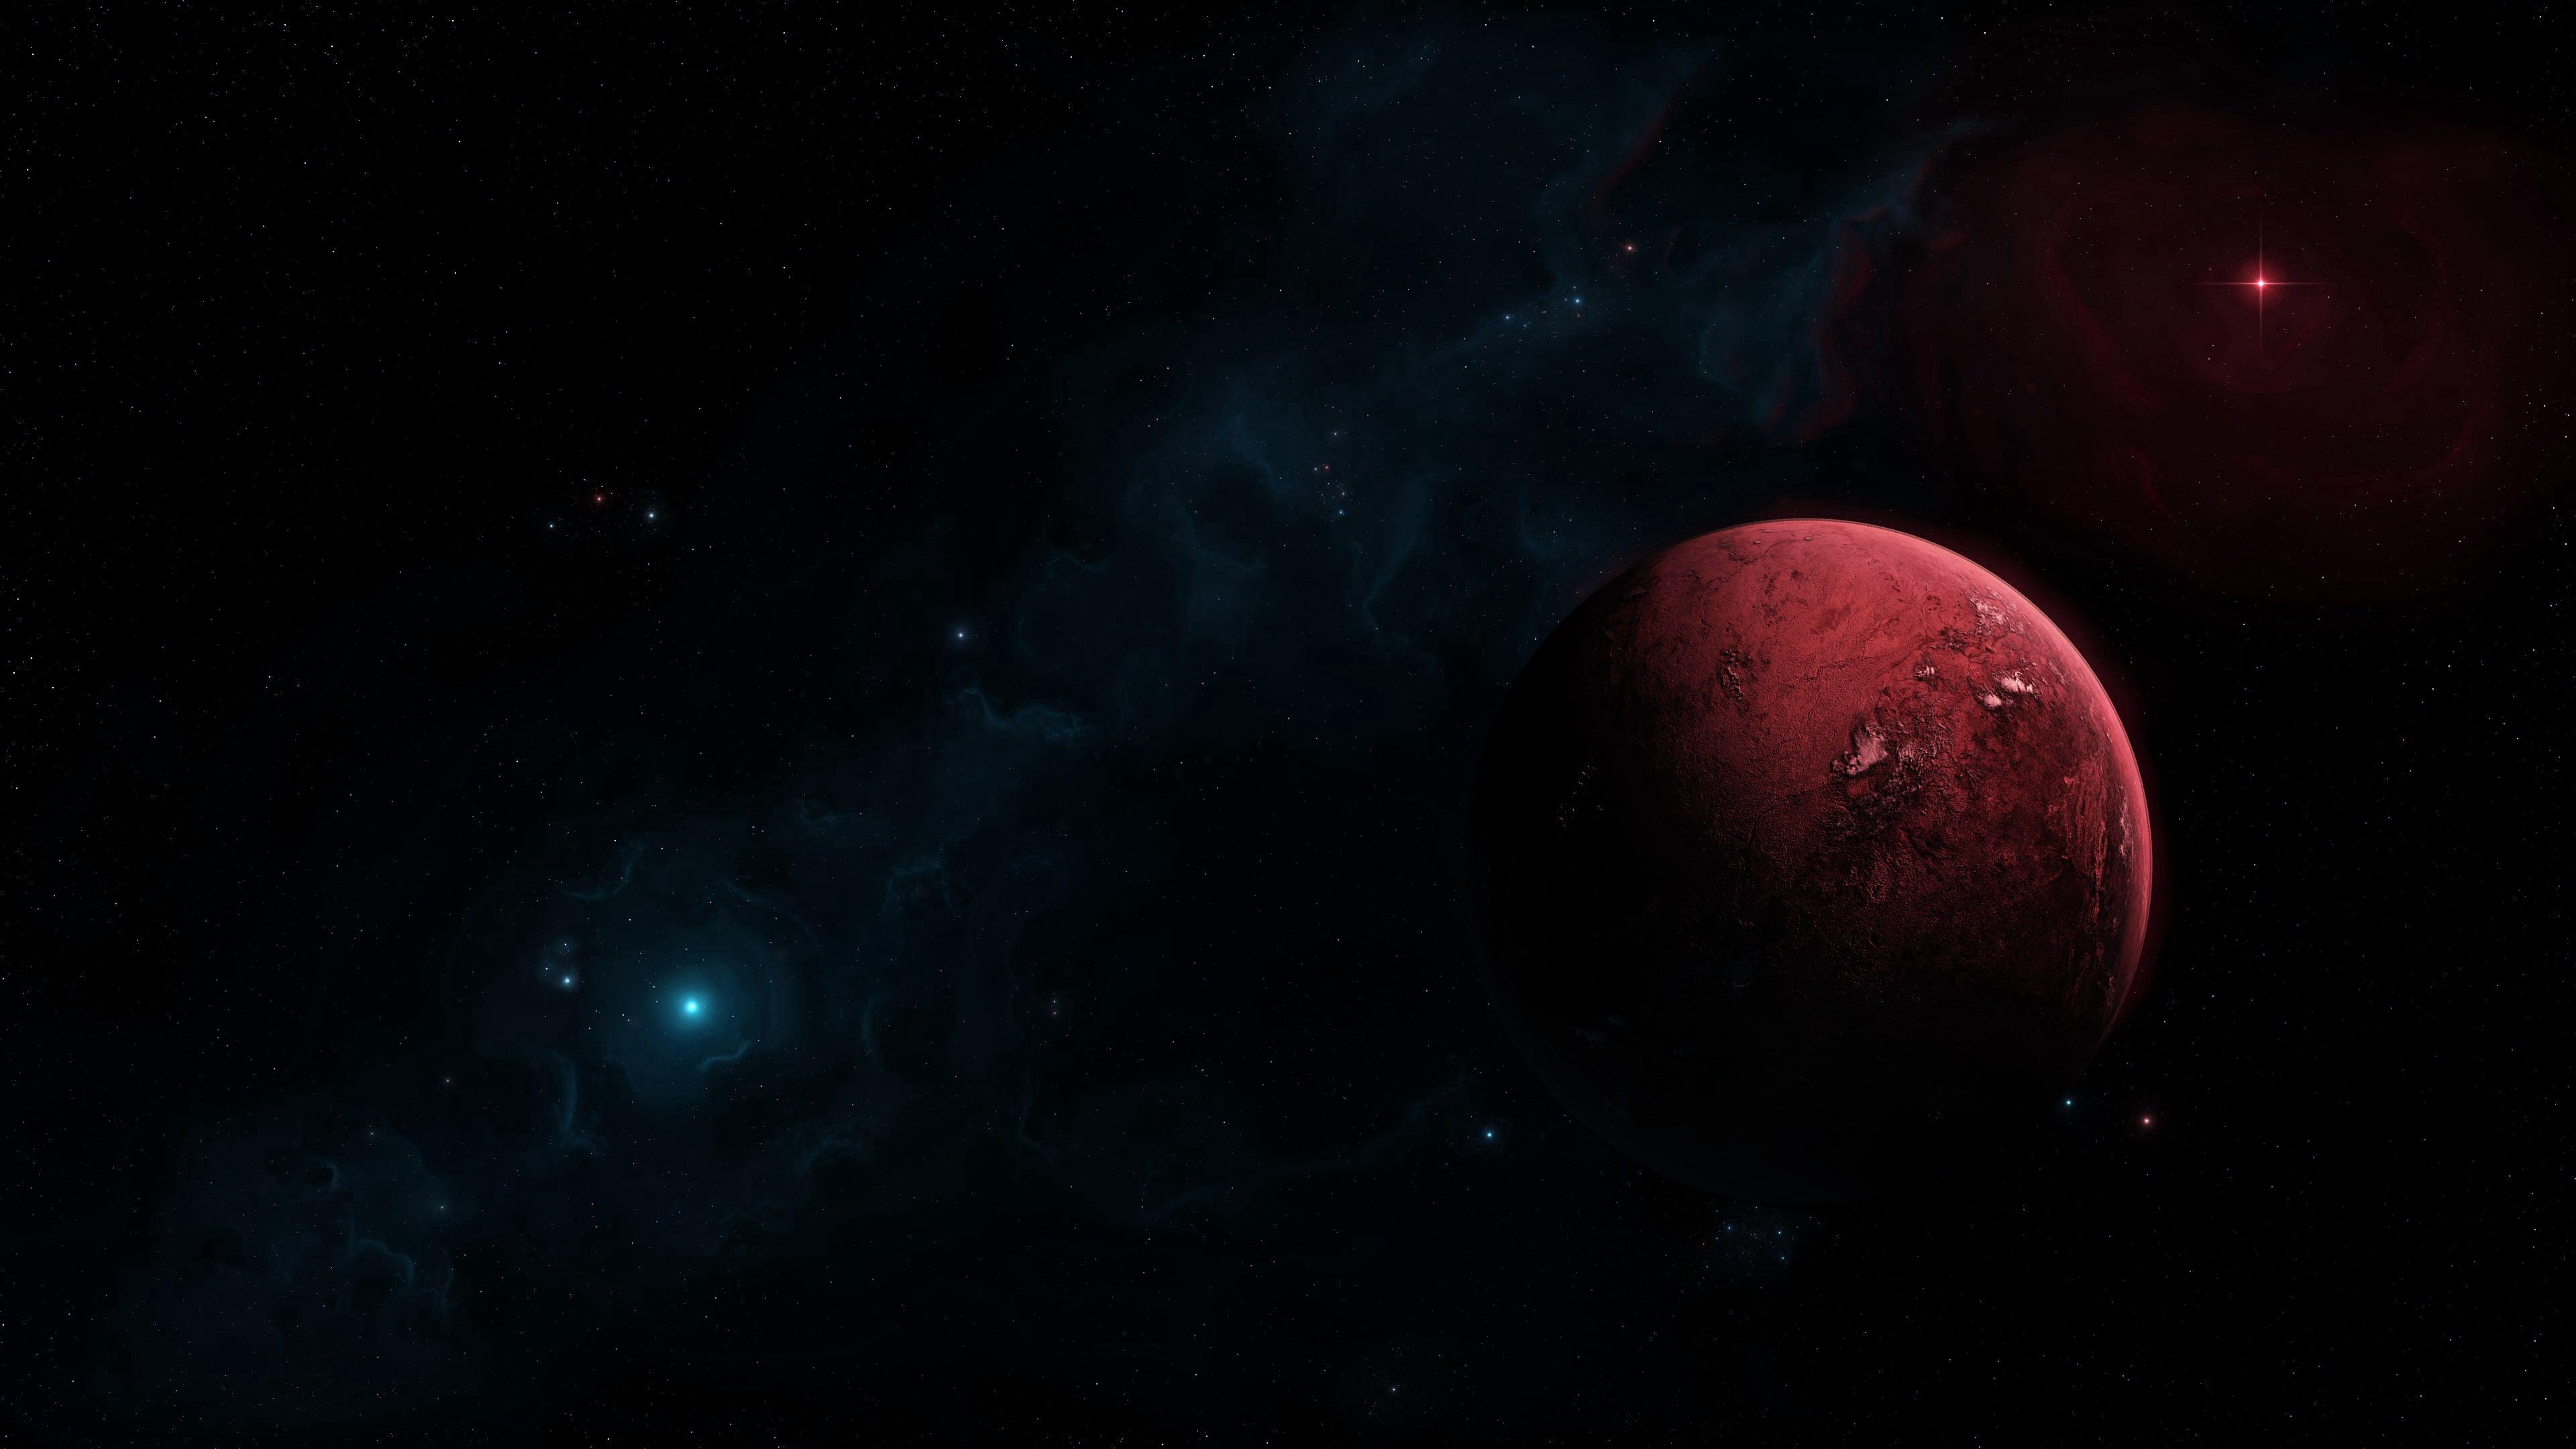 111731 Hintergrundbild herunterladen Universum, Sterne, Dunkel, Planet, Planeten, Freifläche, Offener Raum - Bildschirmschoner und Bilder kostenlos